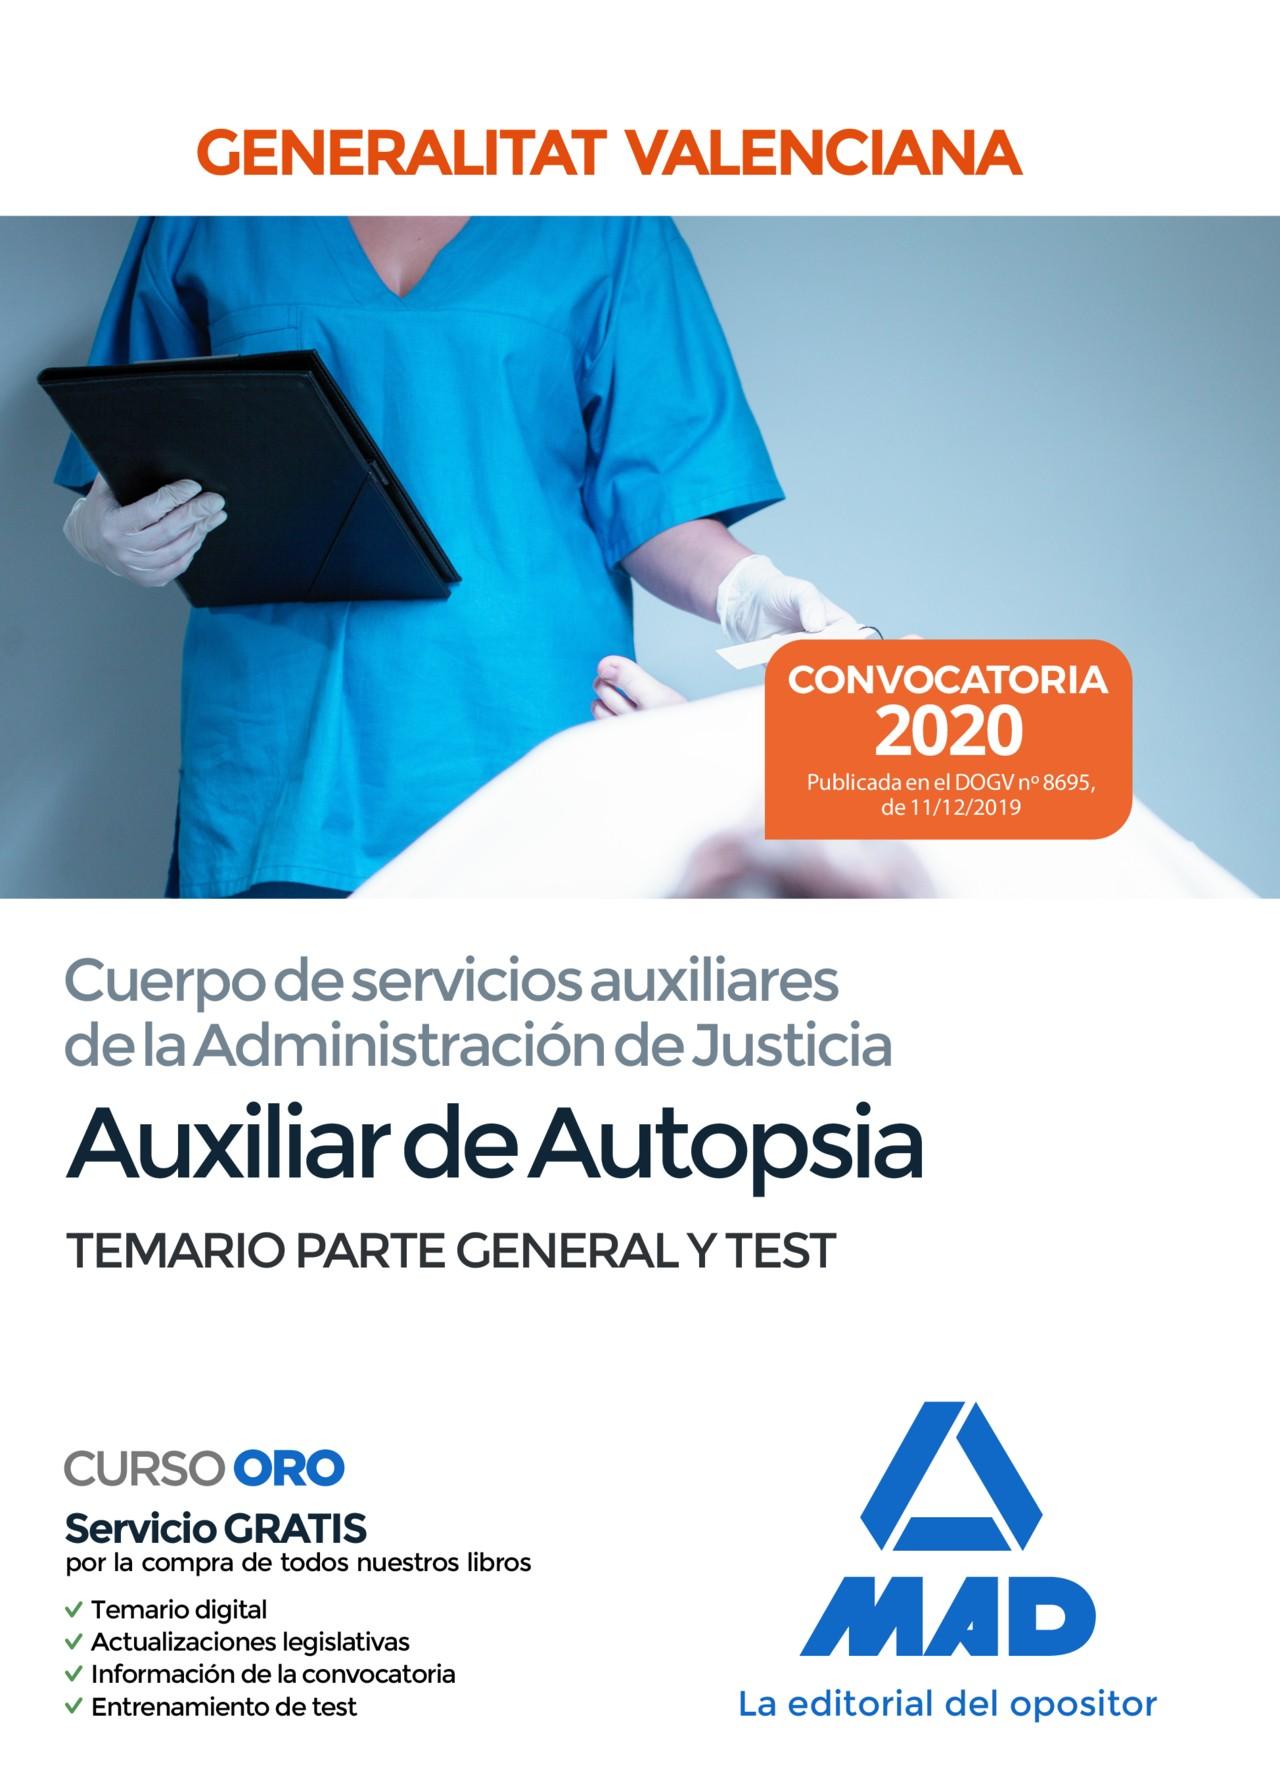 Auxiliar de Autopsia de la Administración de Justicia de la Generalitat Valenciana